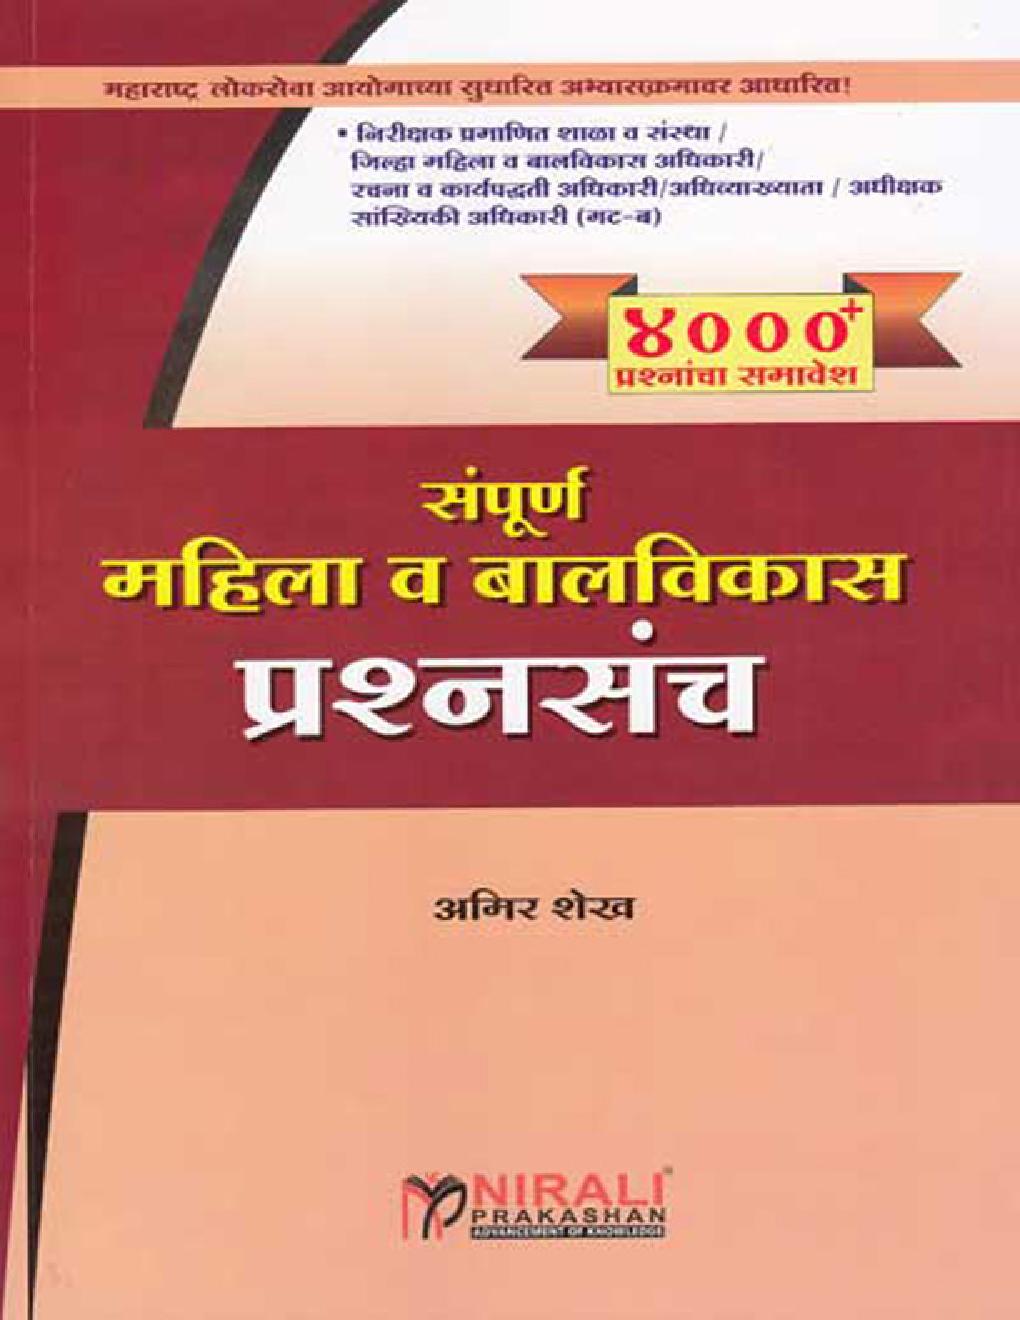 संपूर्ण महिला आणि बालविकास प्रश्नसंच (In Marathi) - Page 1